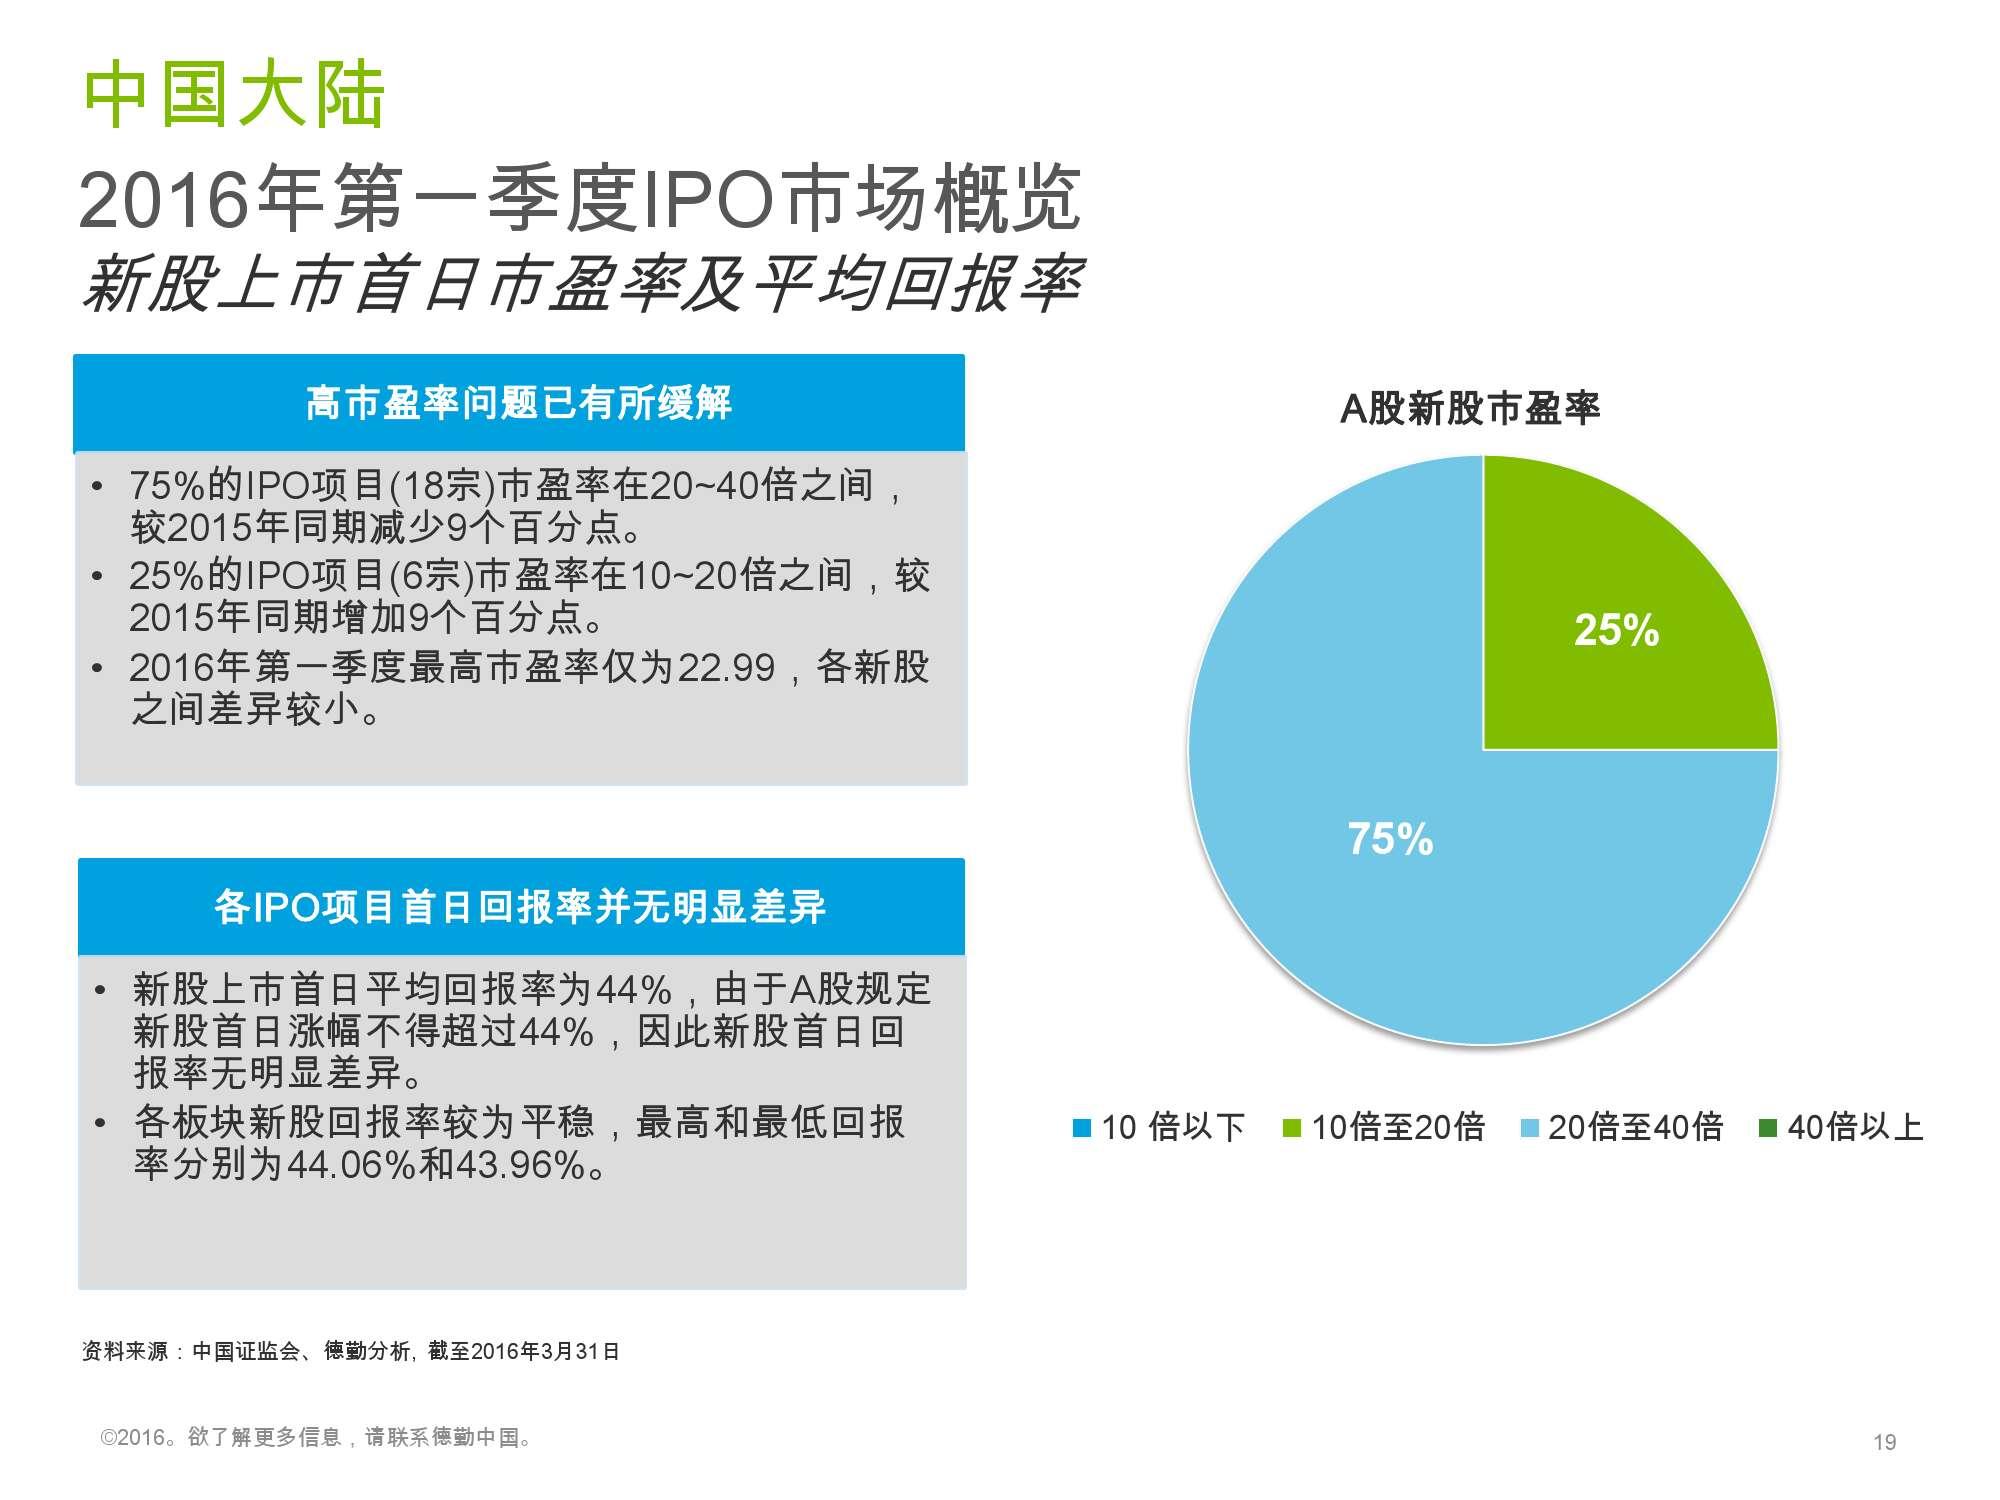 香港及中国大陆IPO市场2016年1季度_000019